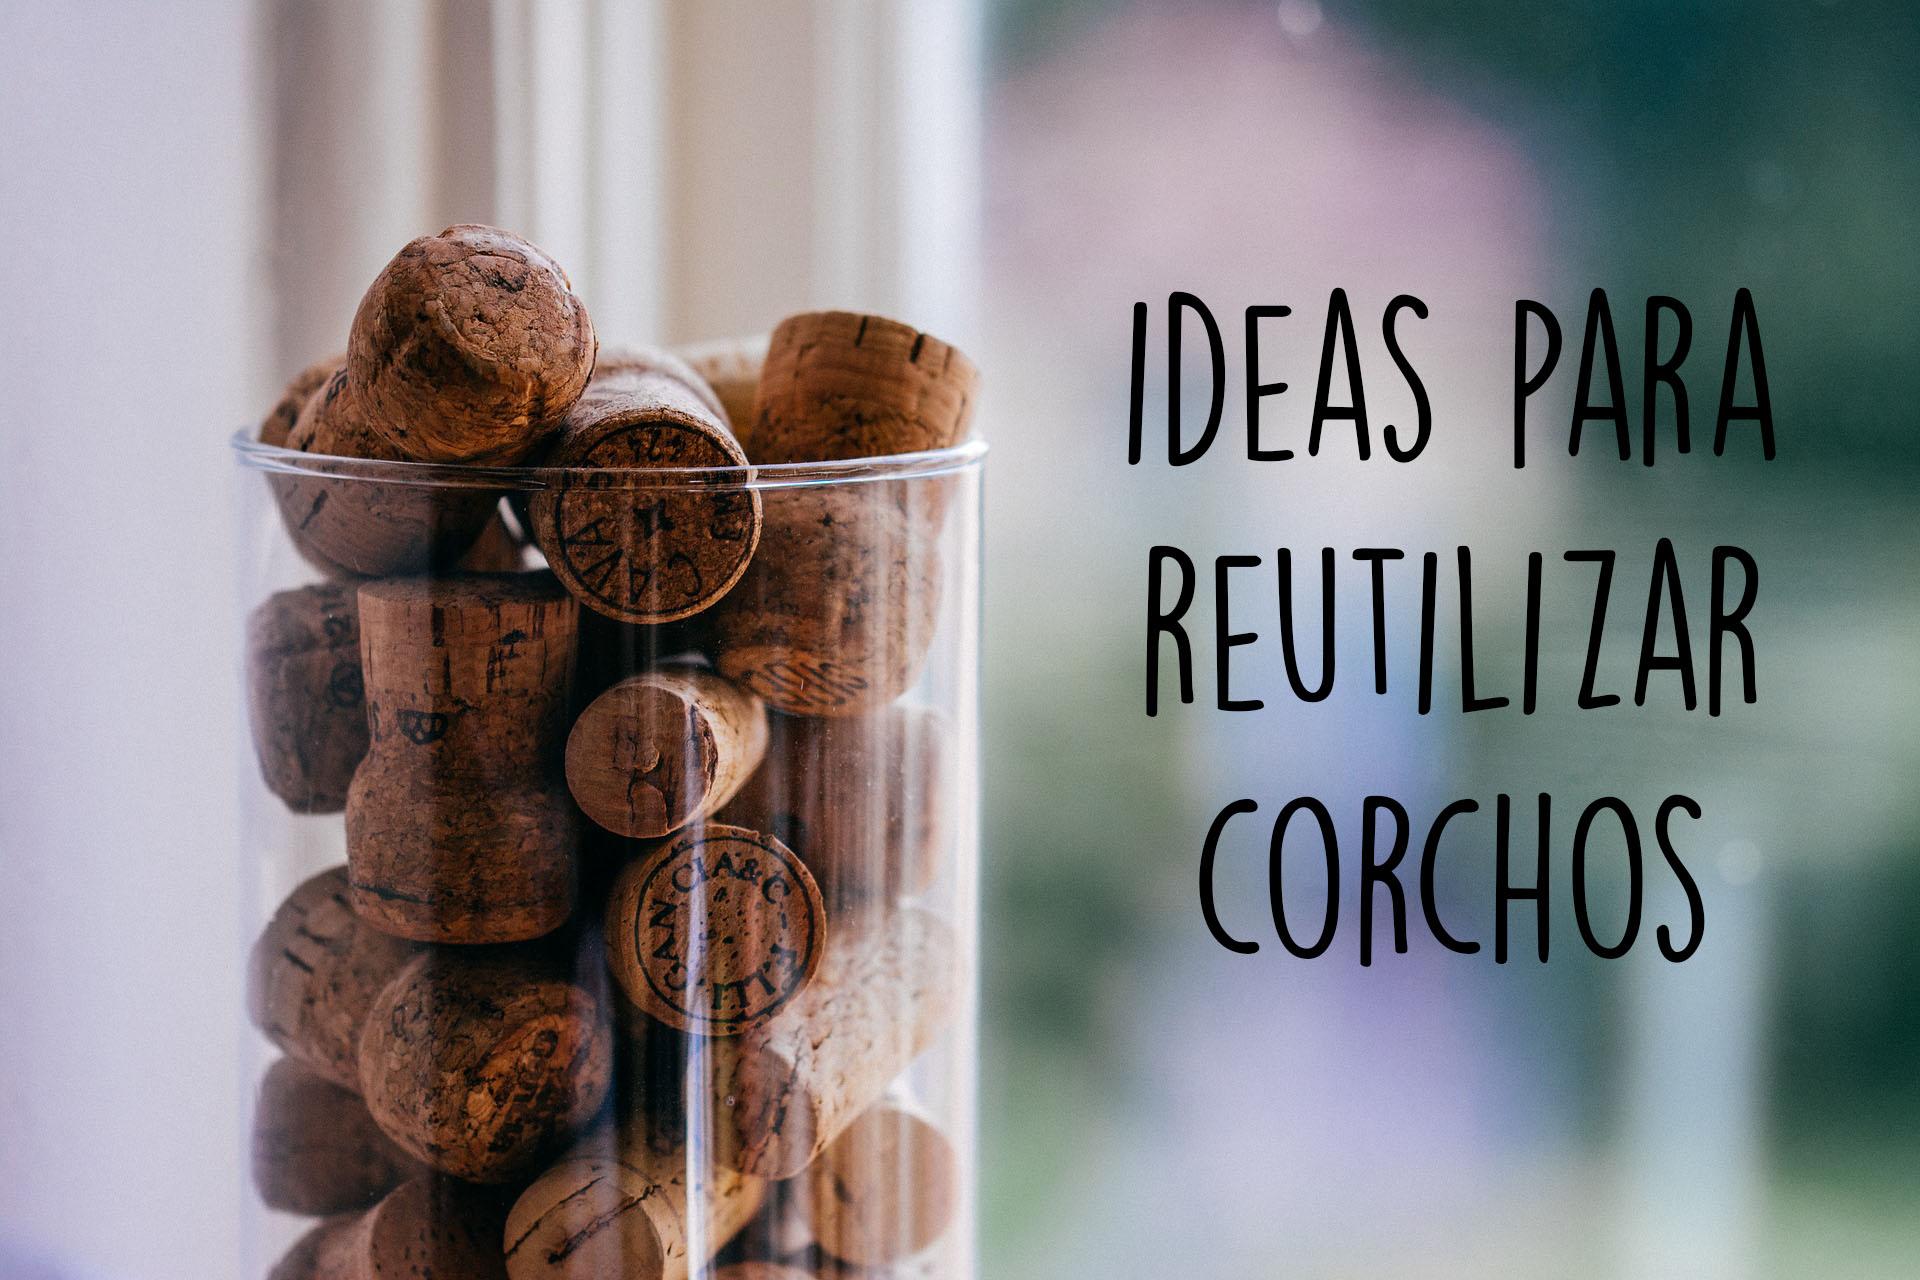 Originales ideas para reutilizar corchos